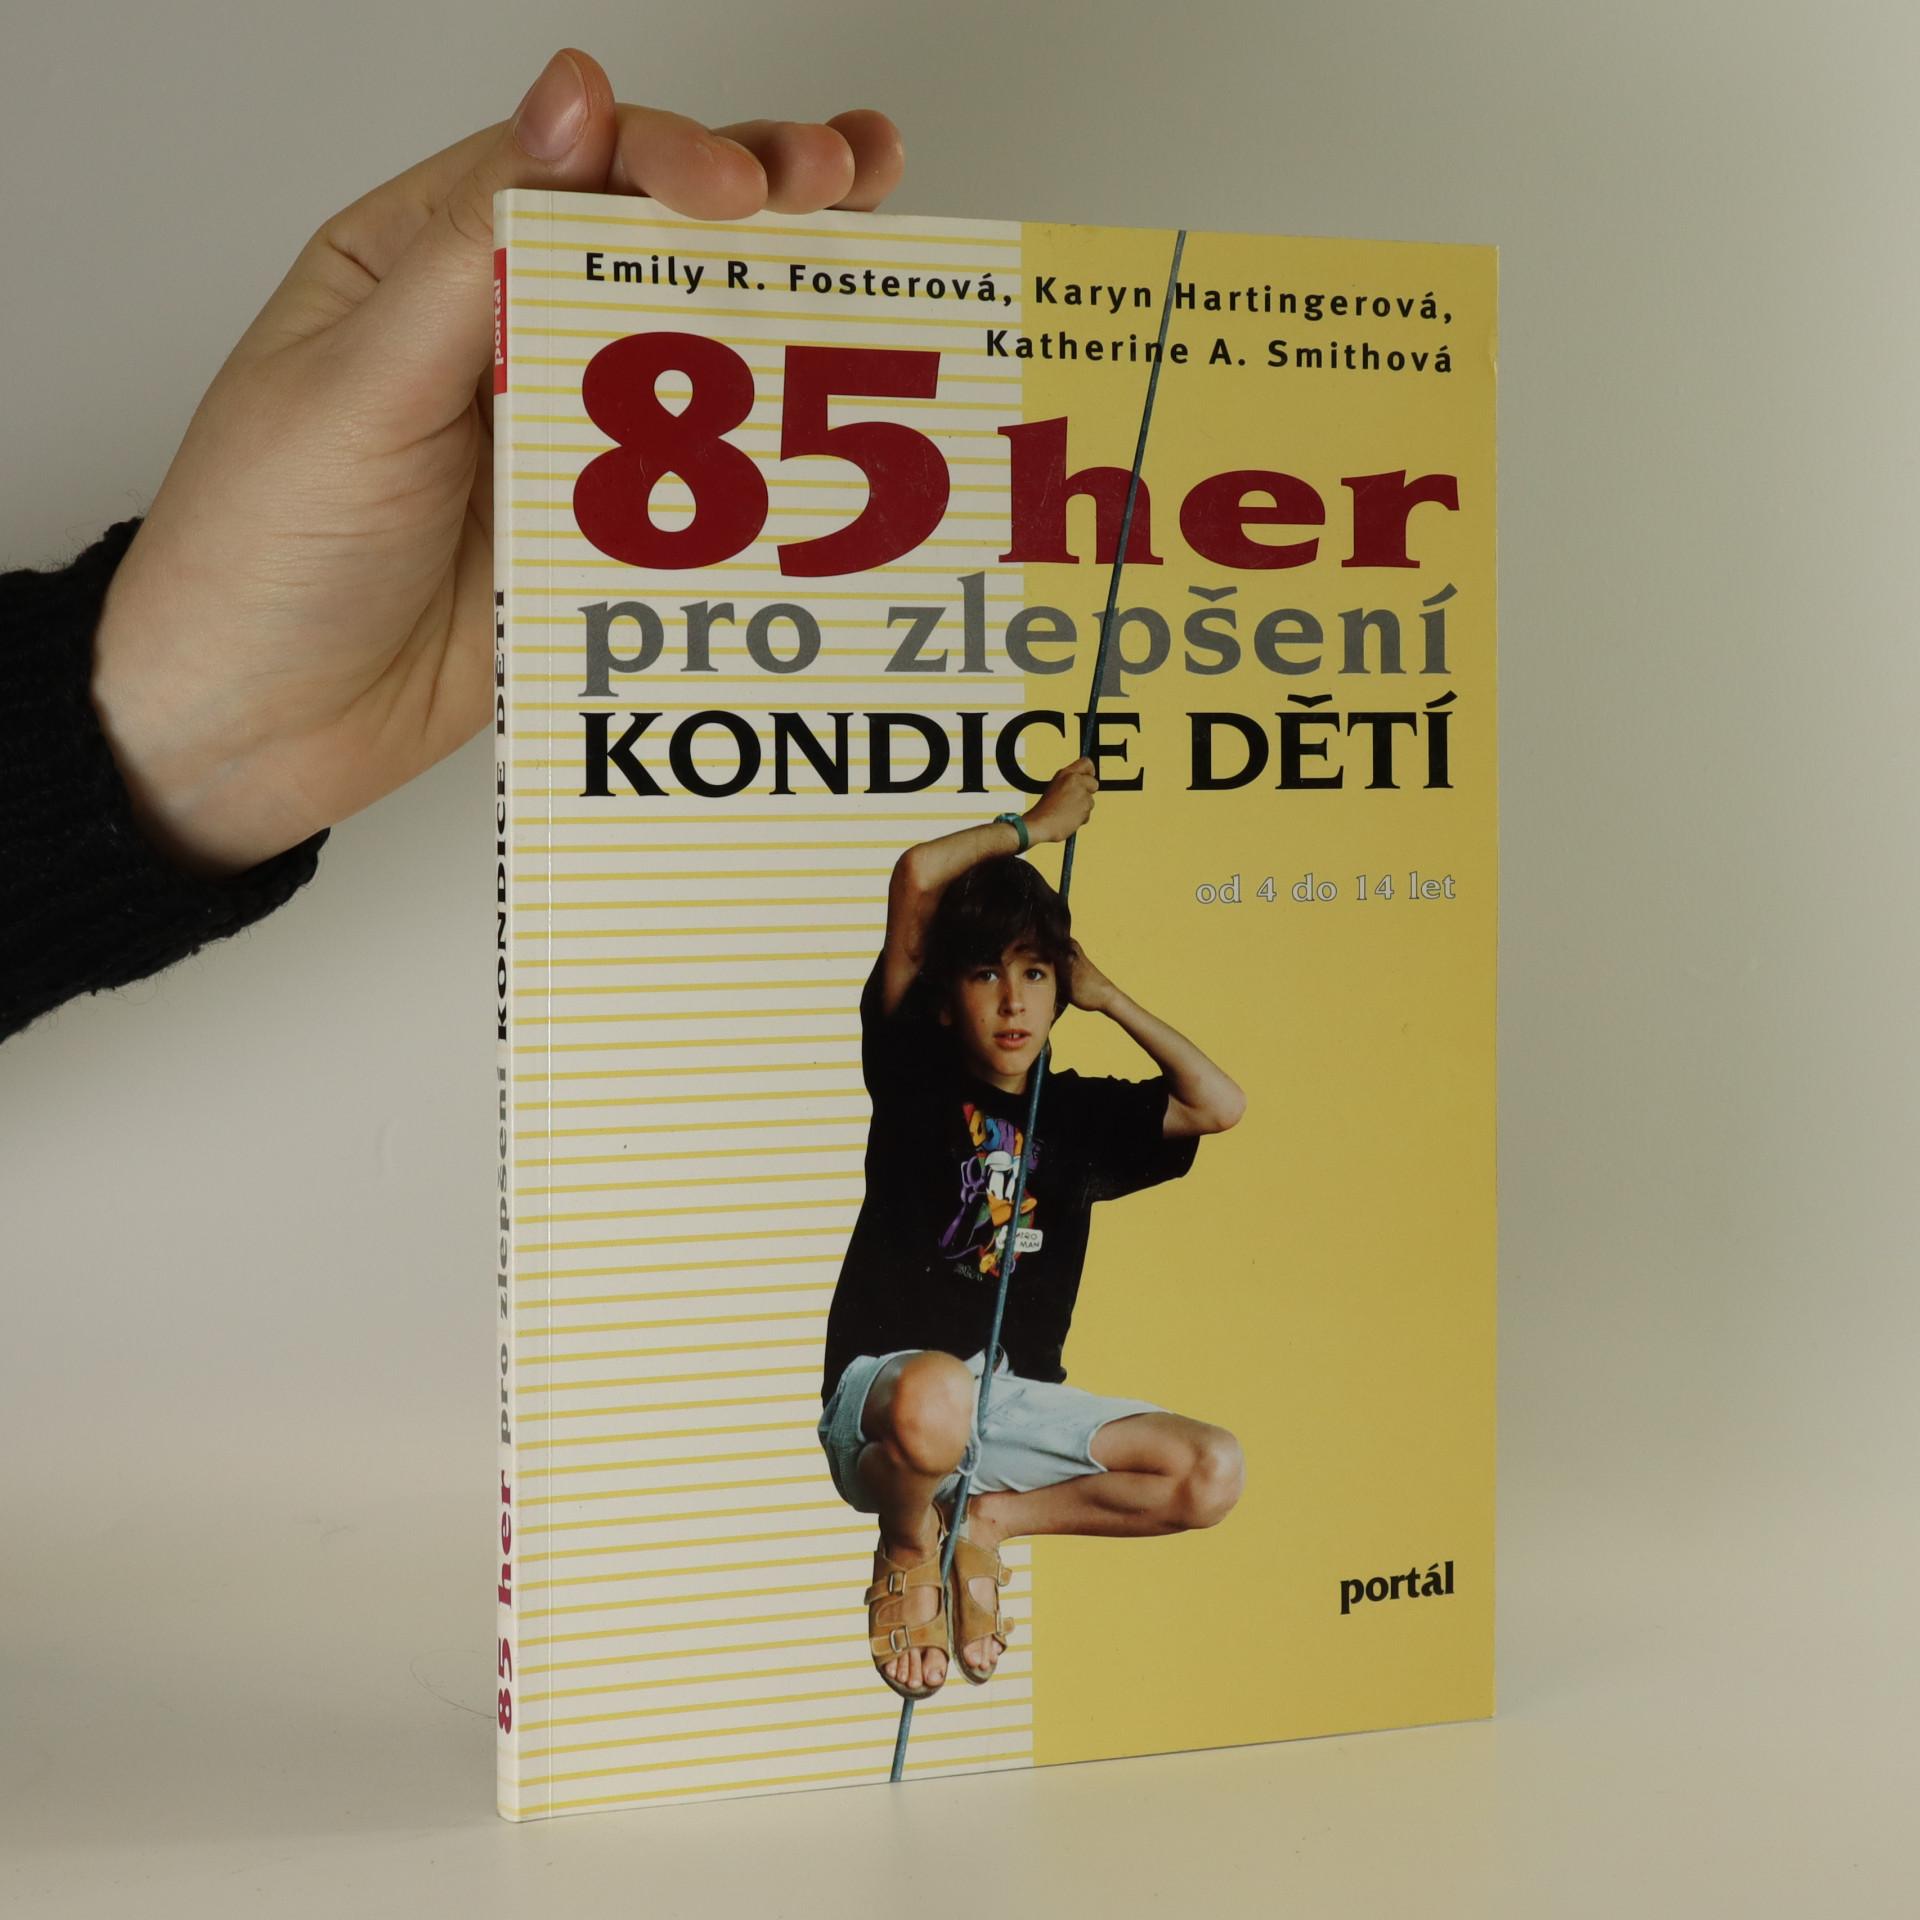 antikvární kniha 85 her pro zlepšení kondice dětí, 1997